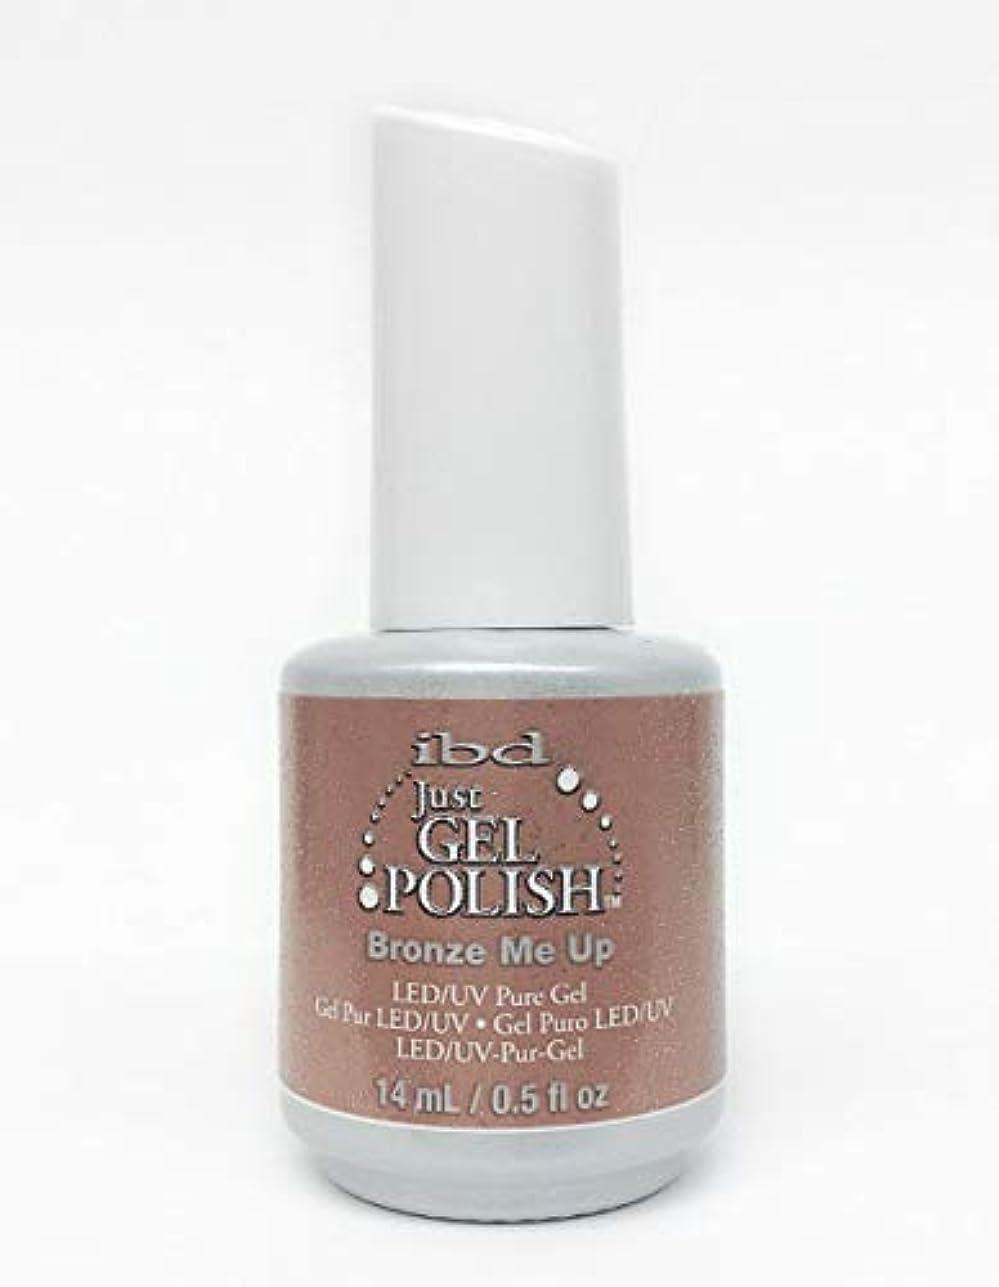 休憩する側面実質的にibd Just Gel Nail Polish - Bronze Me Up - 14ml / 0.5oz